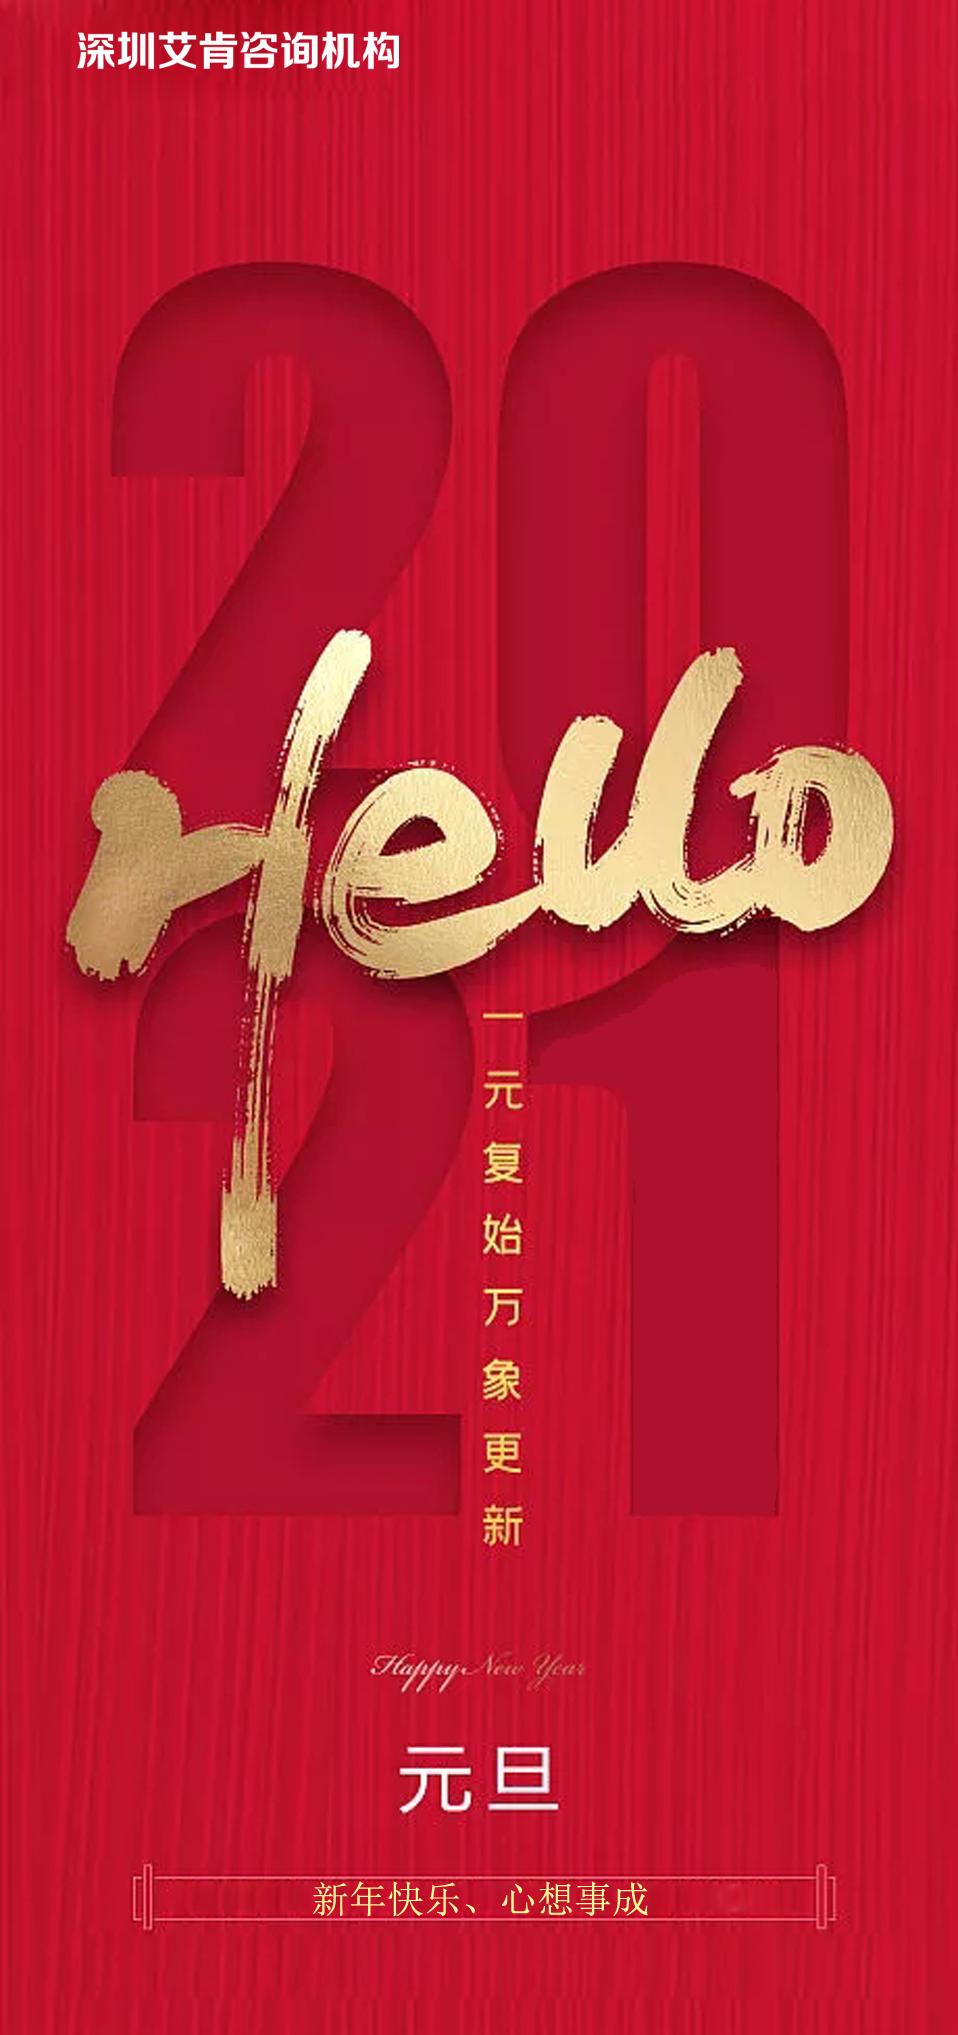 艾肯恭祝各位新老客户,元旦快乐!新年快乐!